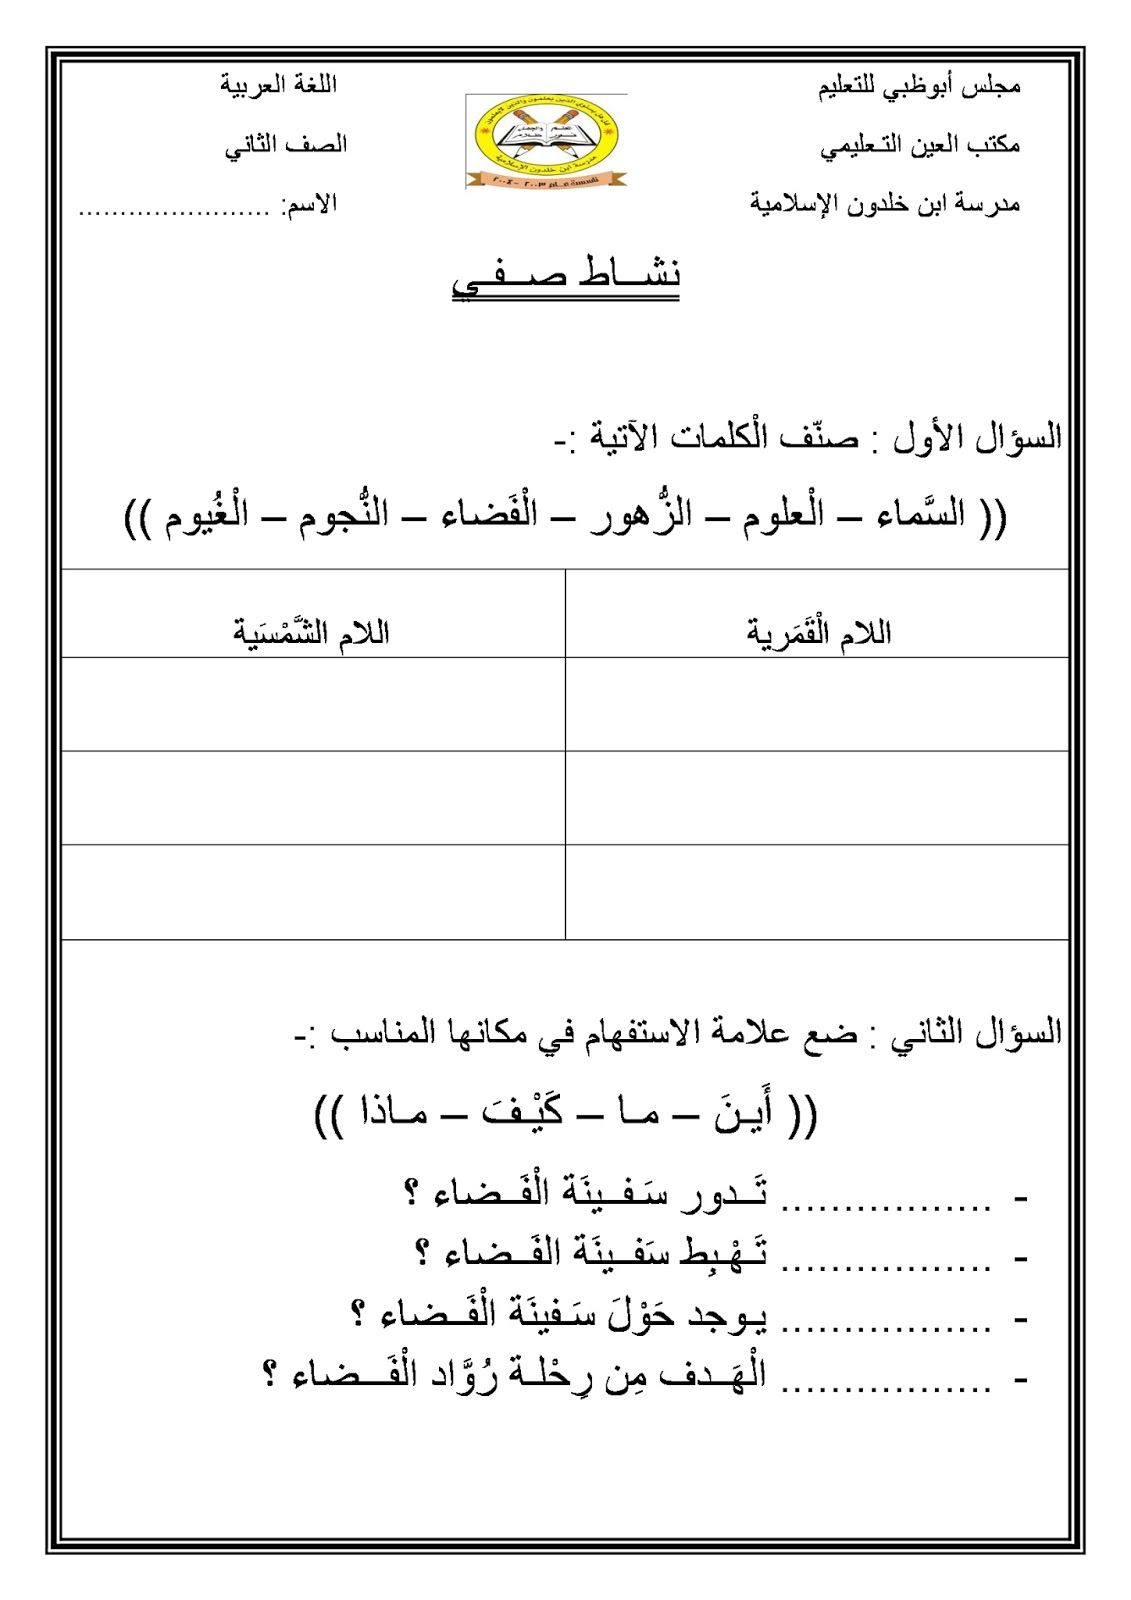 تدريبات عن اللام الشمسية والقمرية Learning Arabic Arabic Worksheets Learn Arabic Alphabet